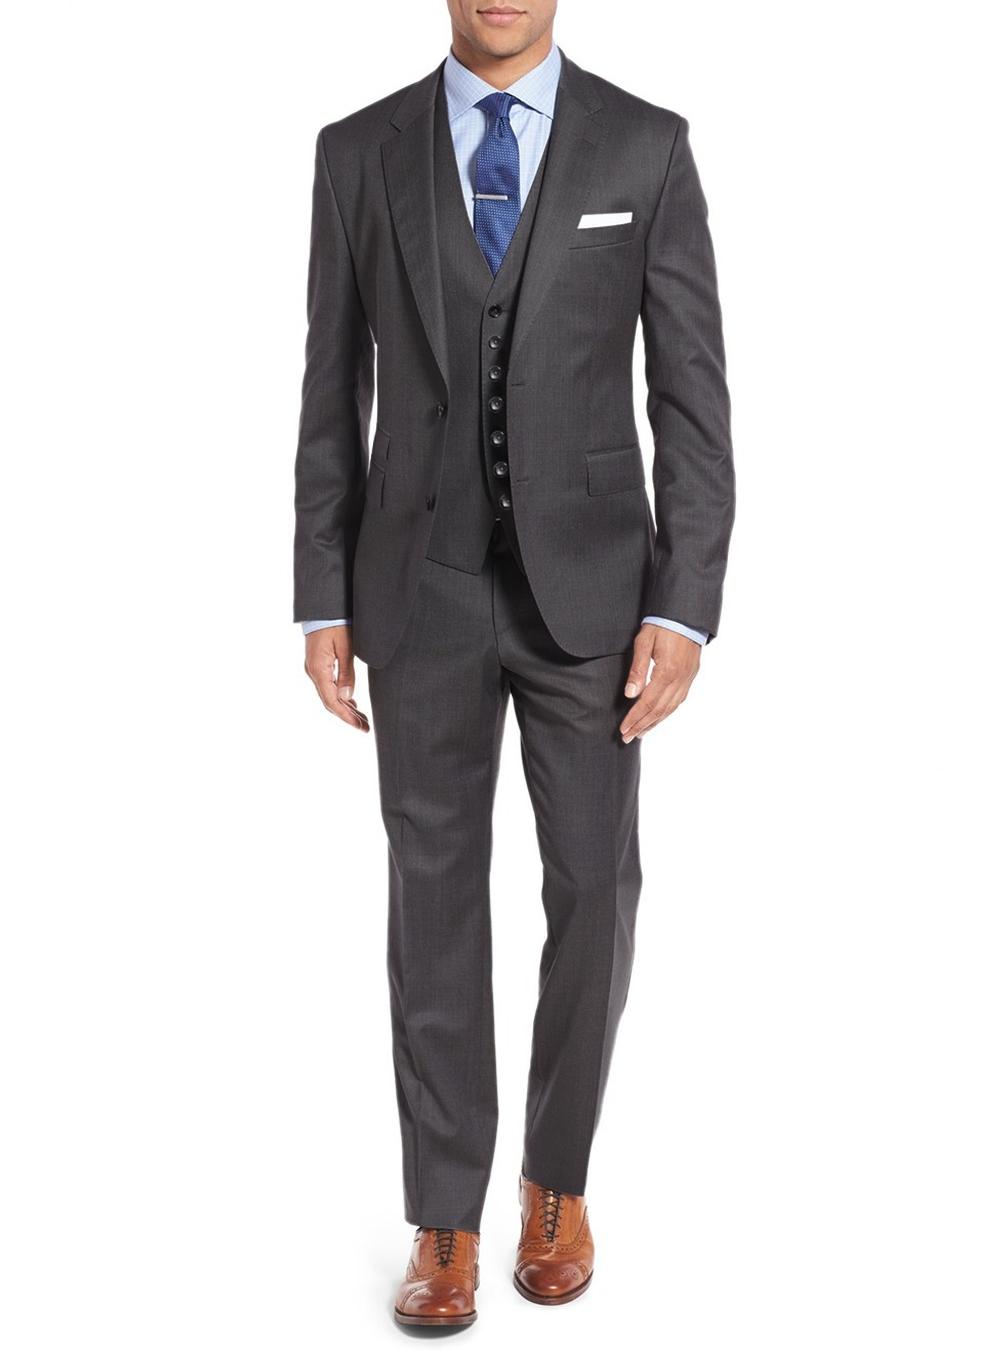 Suits & Suit Separates Men's Clothing Cheap Price Salvatore Exte Mens Two Button 2 Piece Avant Garde Modern Fit Suit Latest Technology